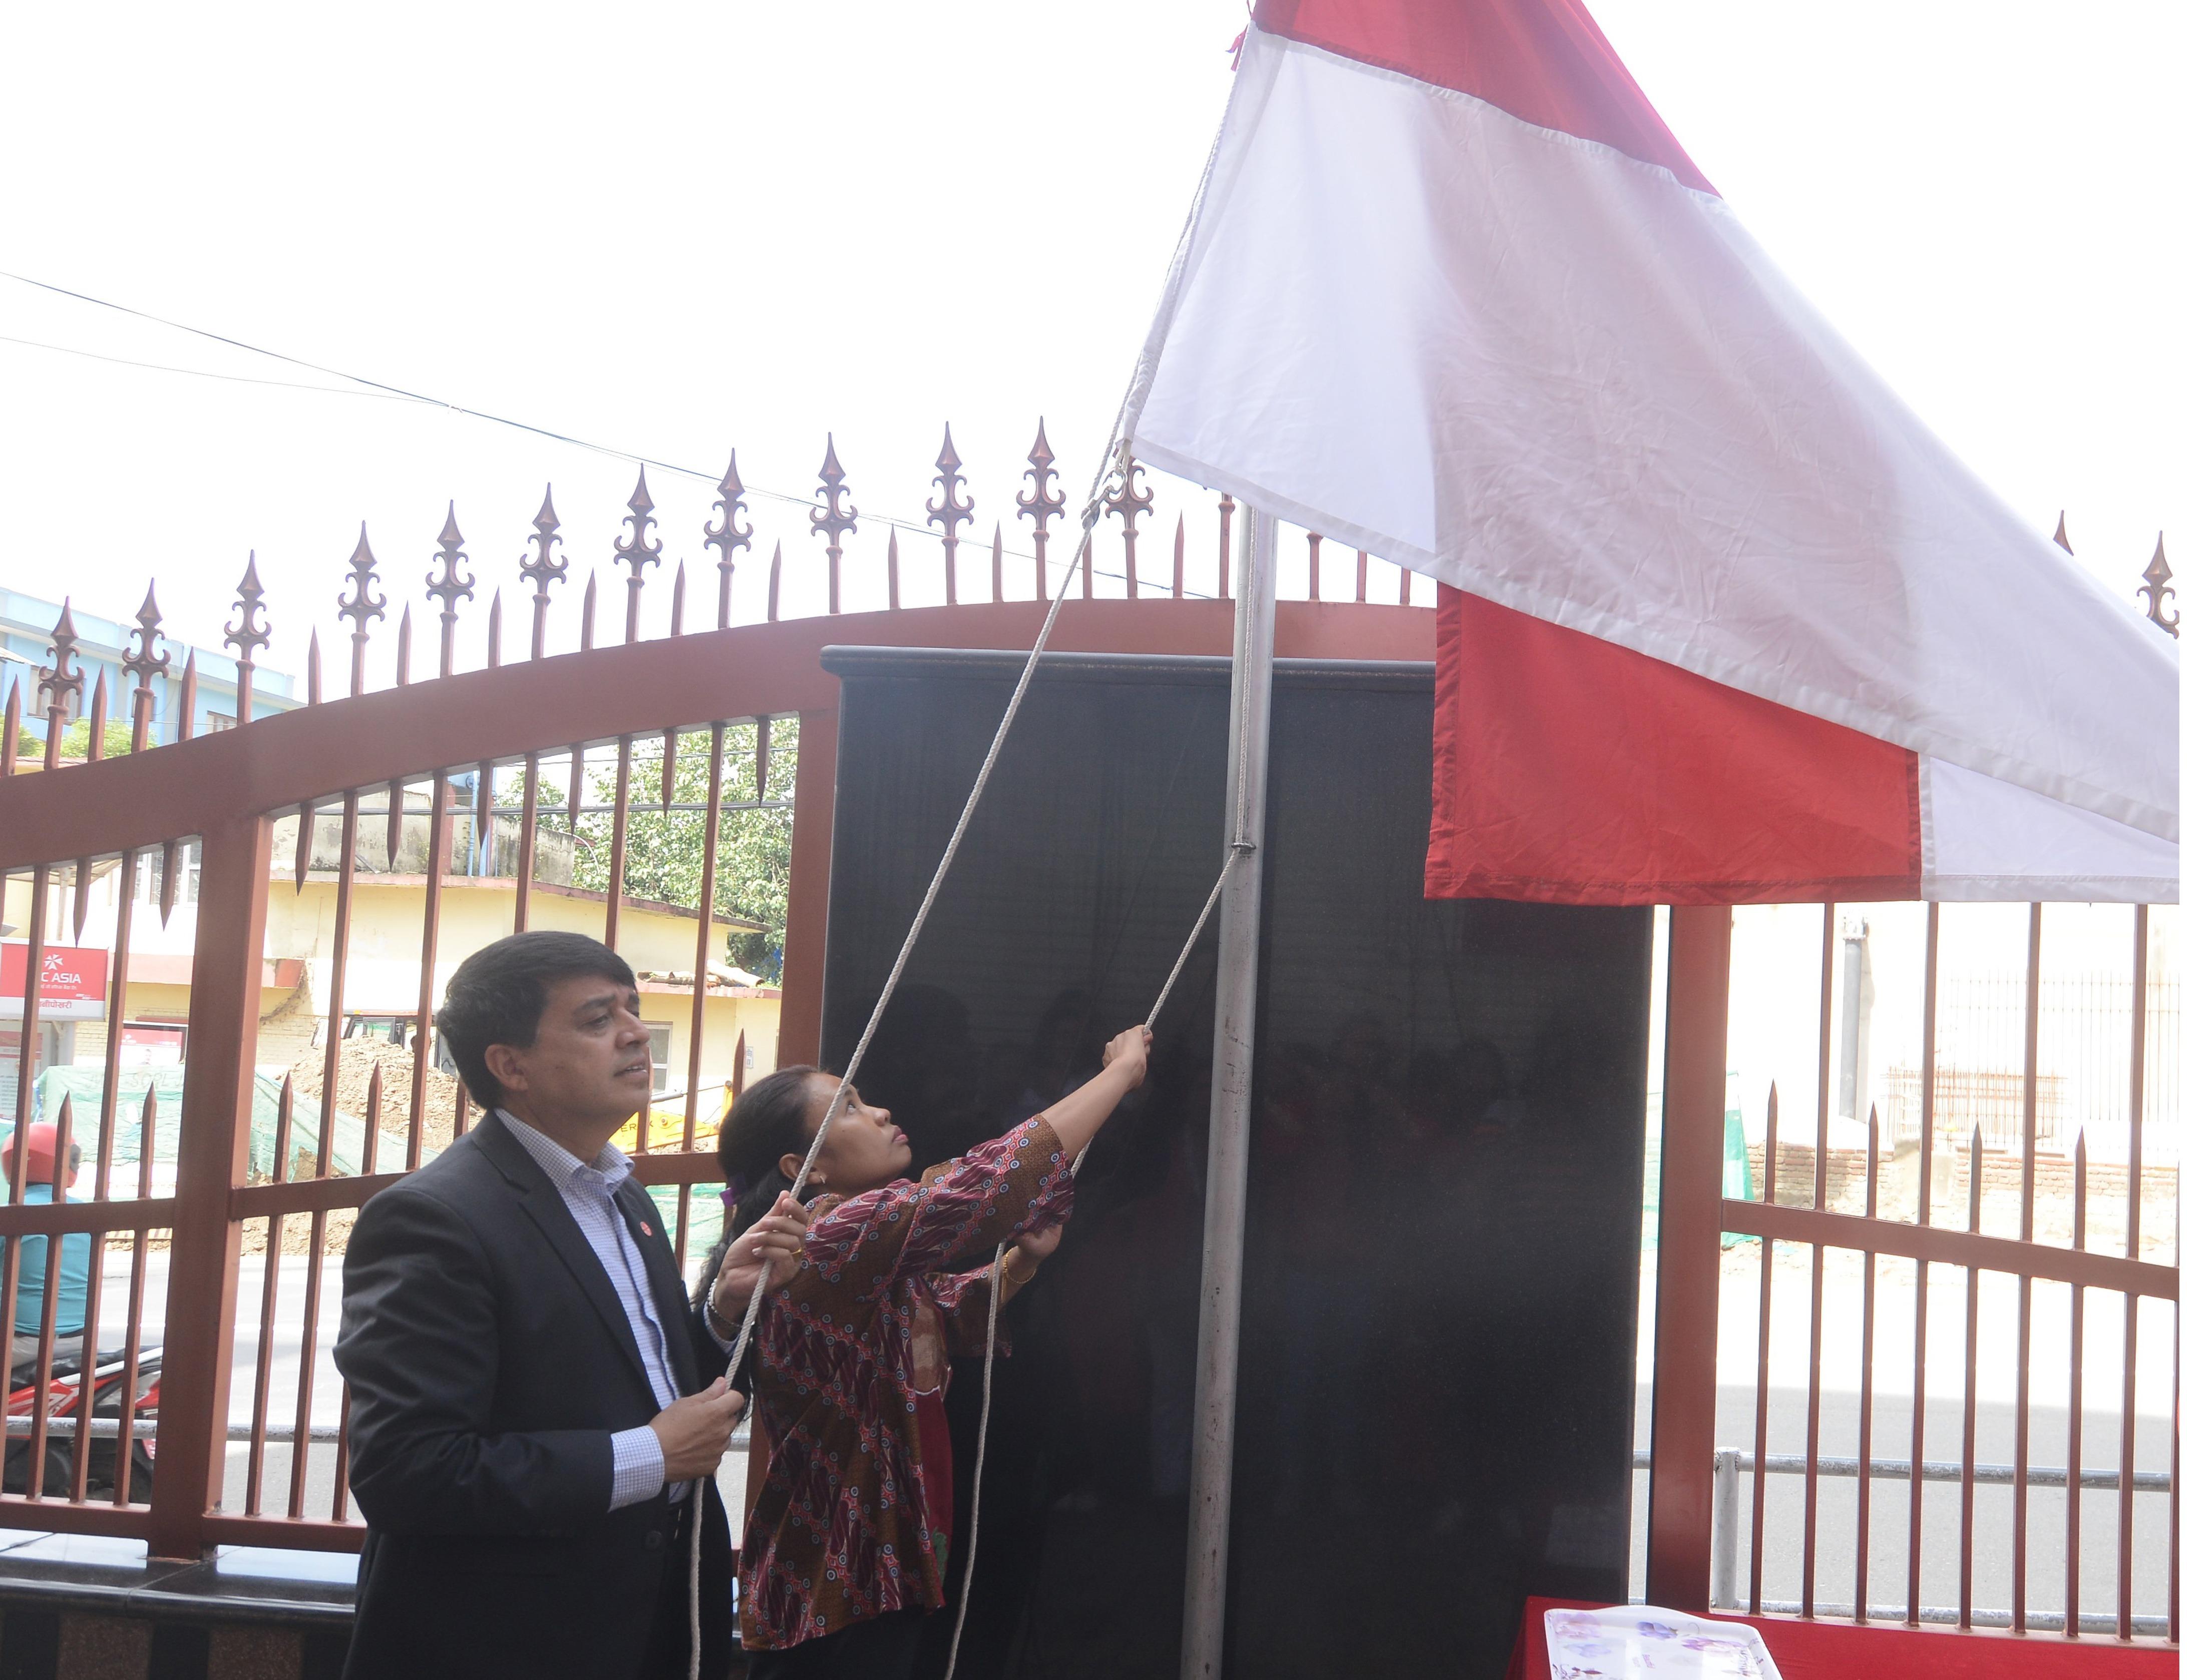 इन्डोनेसियाको ७४औं स्वतन्त्रता दिवस काठमाडौंमा मनाइयो